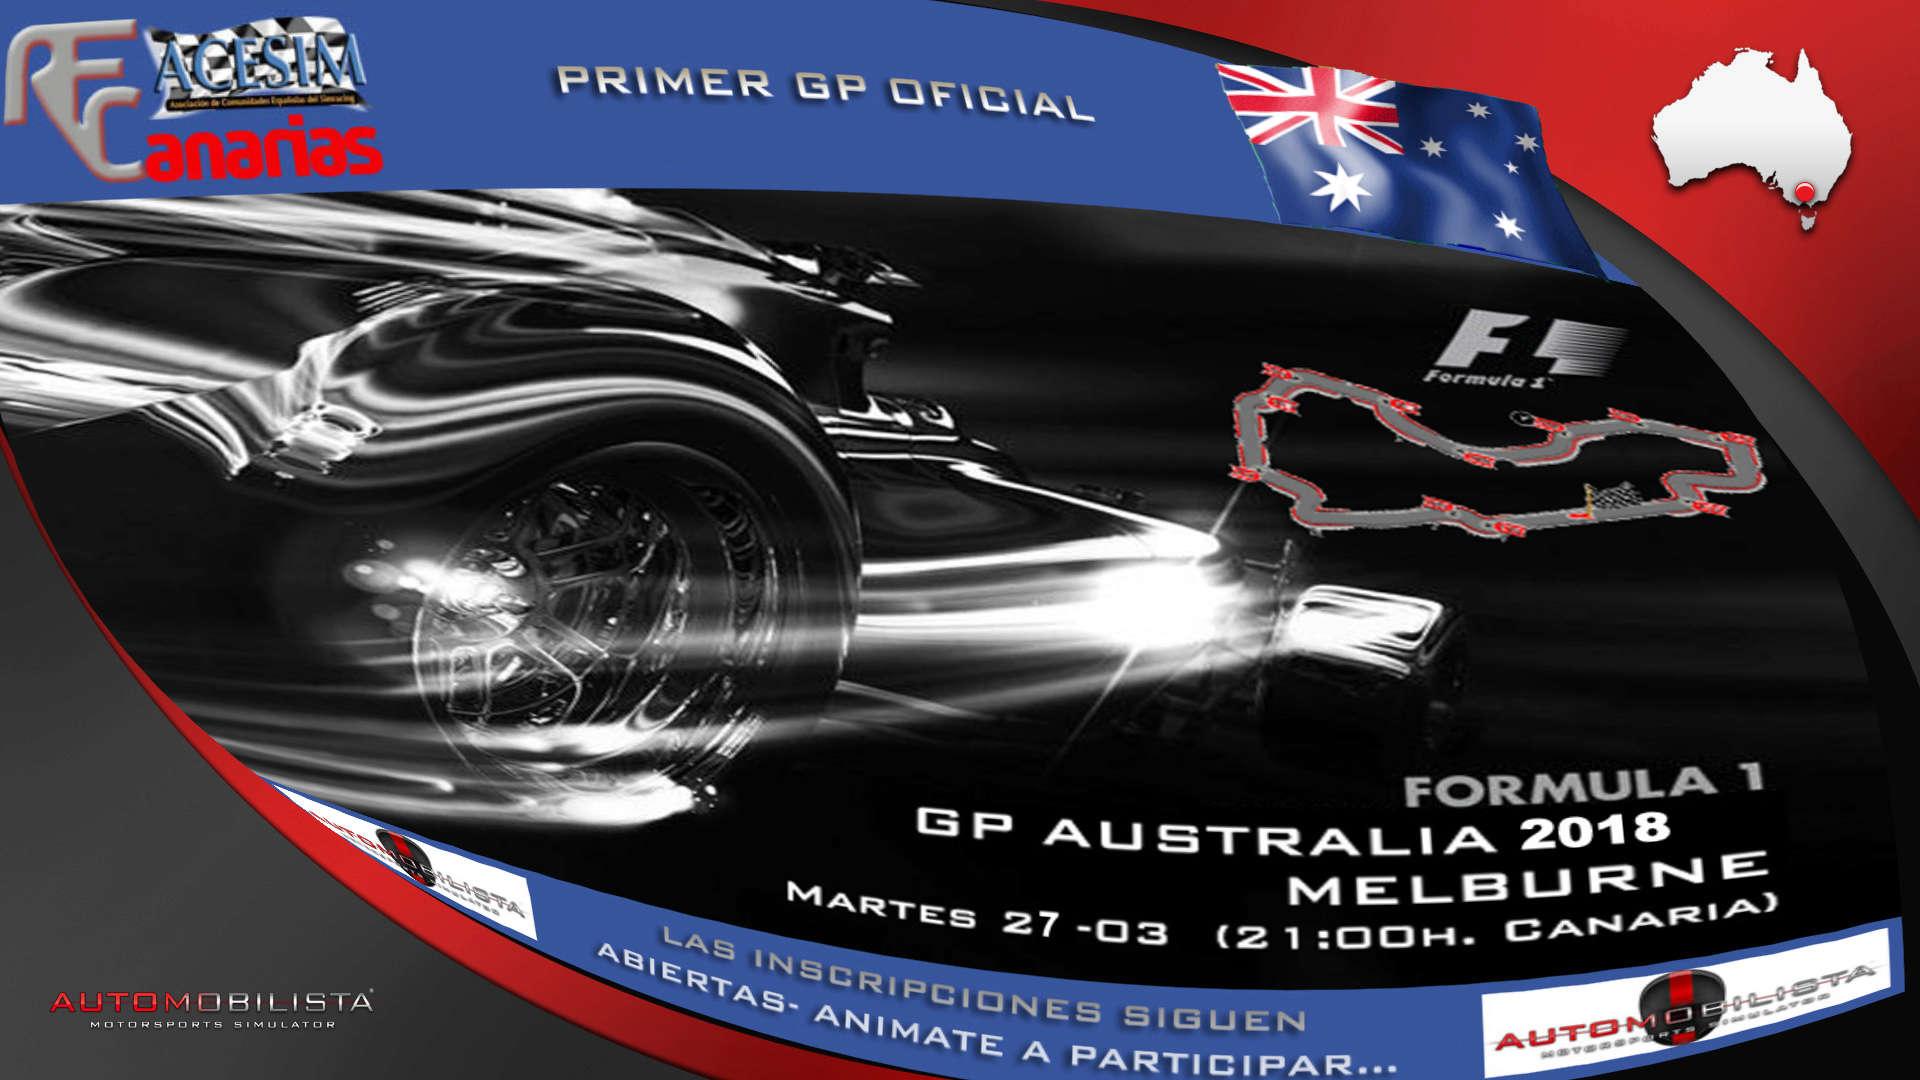 PRIMER GP F1 OFICIAL MELBOURNE 2018 Gp-f1_10